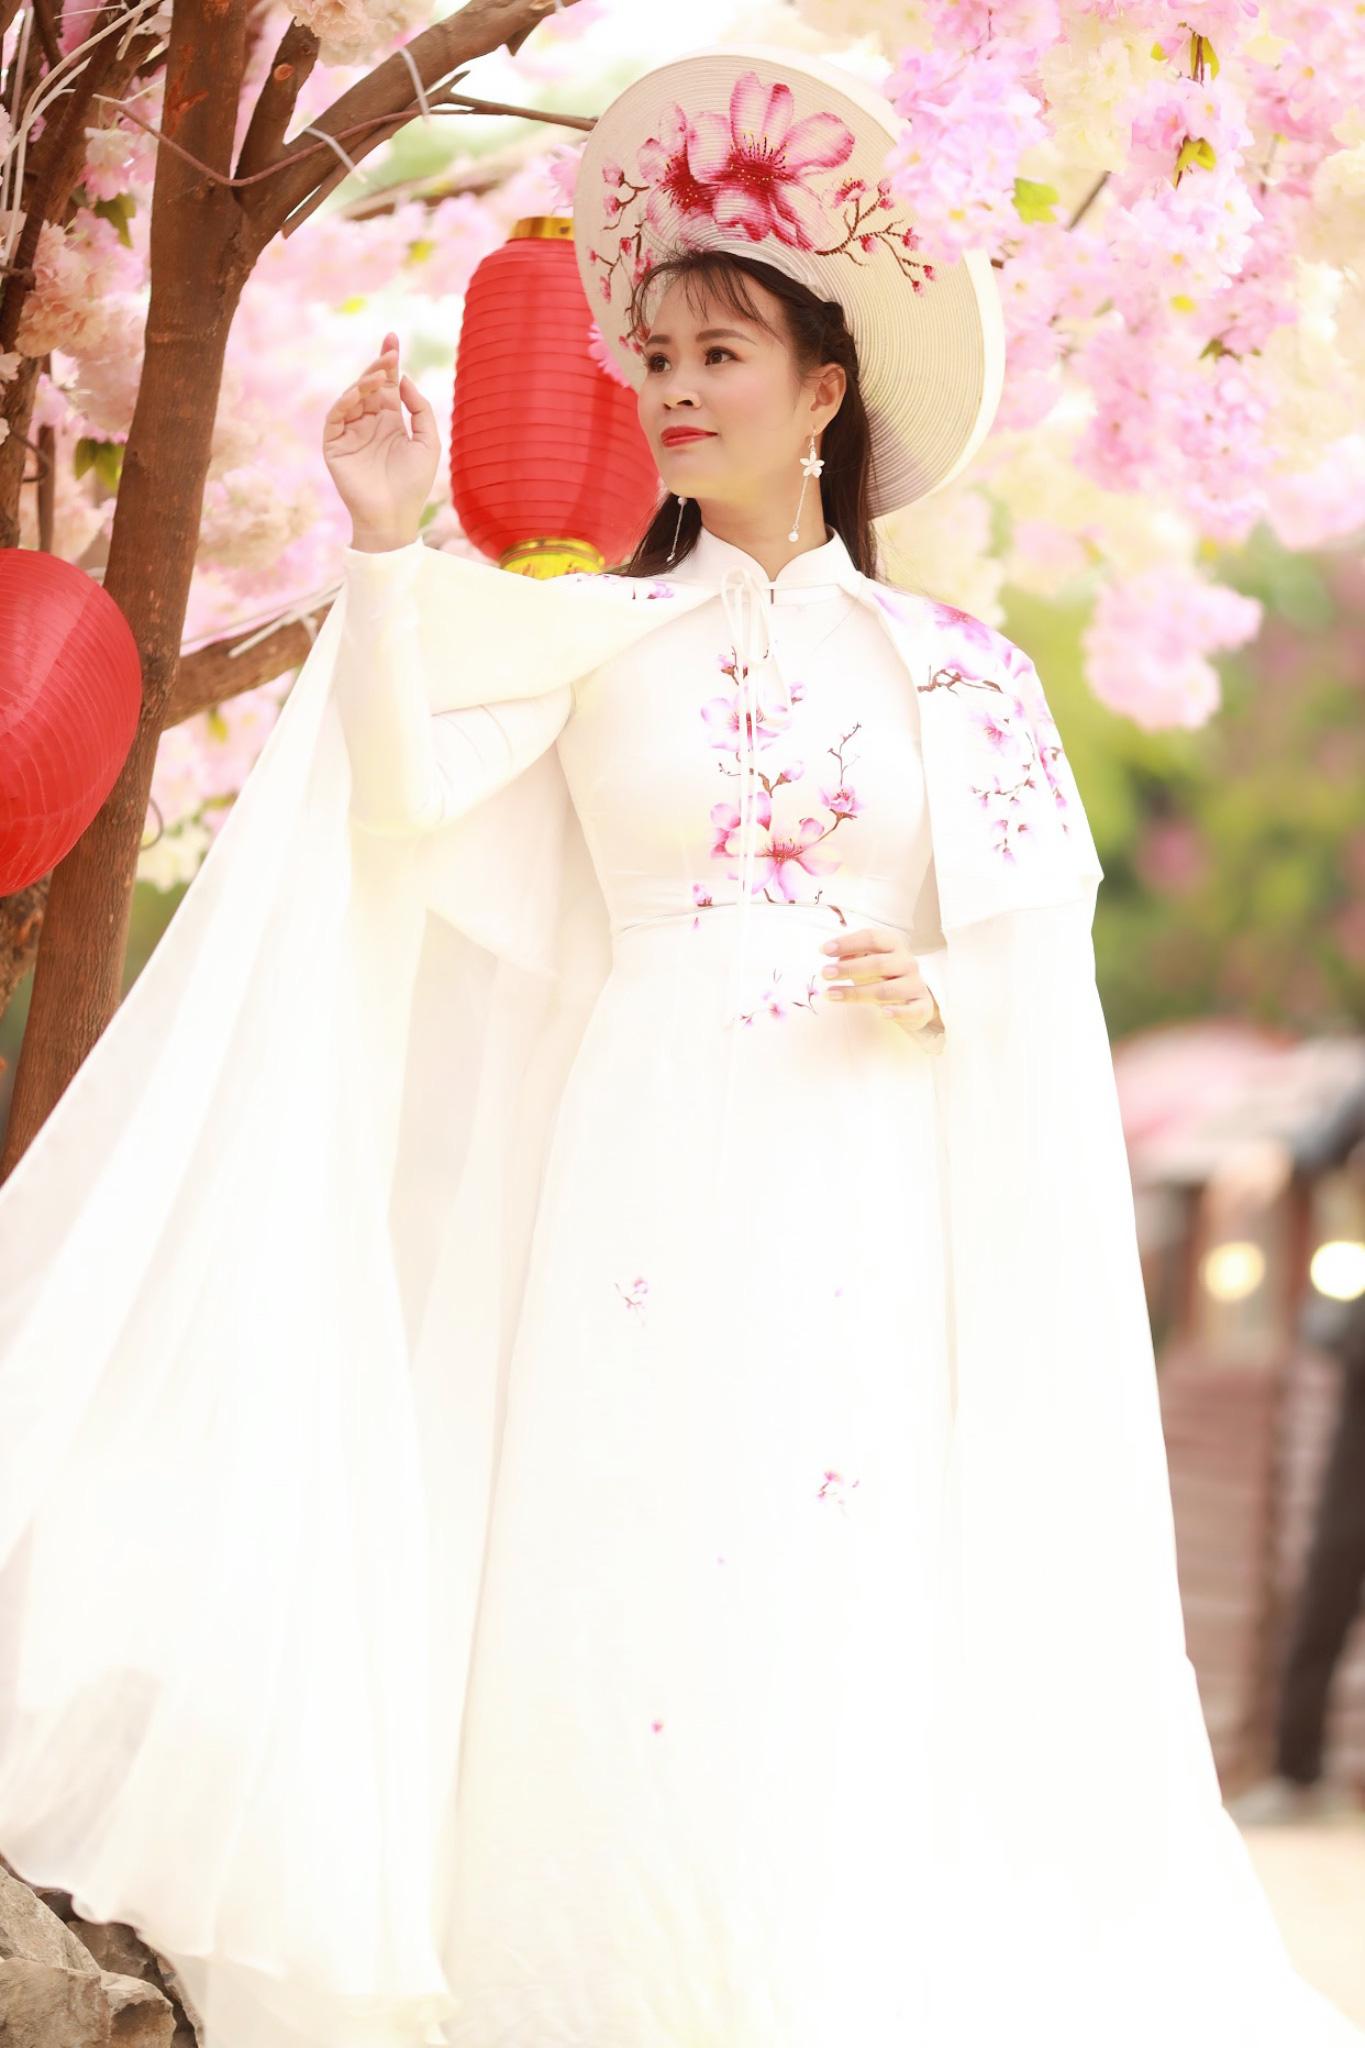 Vẻ đẹp thần tiên tỉ tỉ của Phạm Thị Ngọc Thanh trong bộ ảnh đón xuân - Ảnh 4.